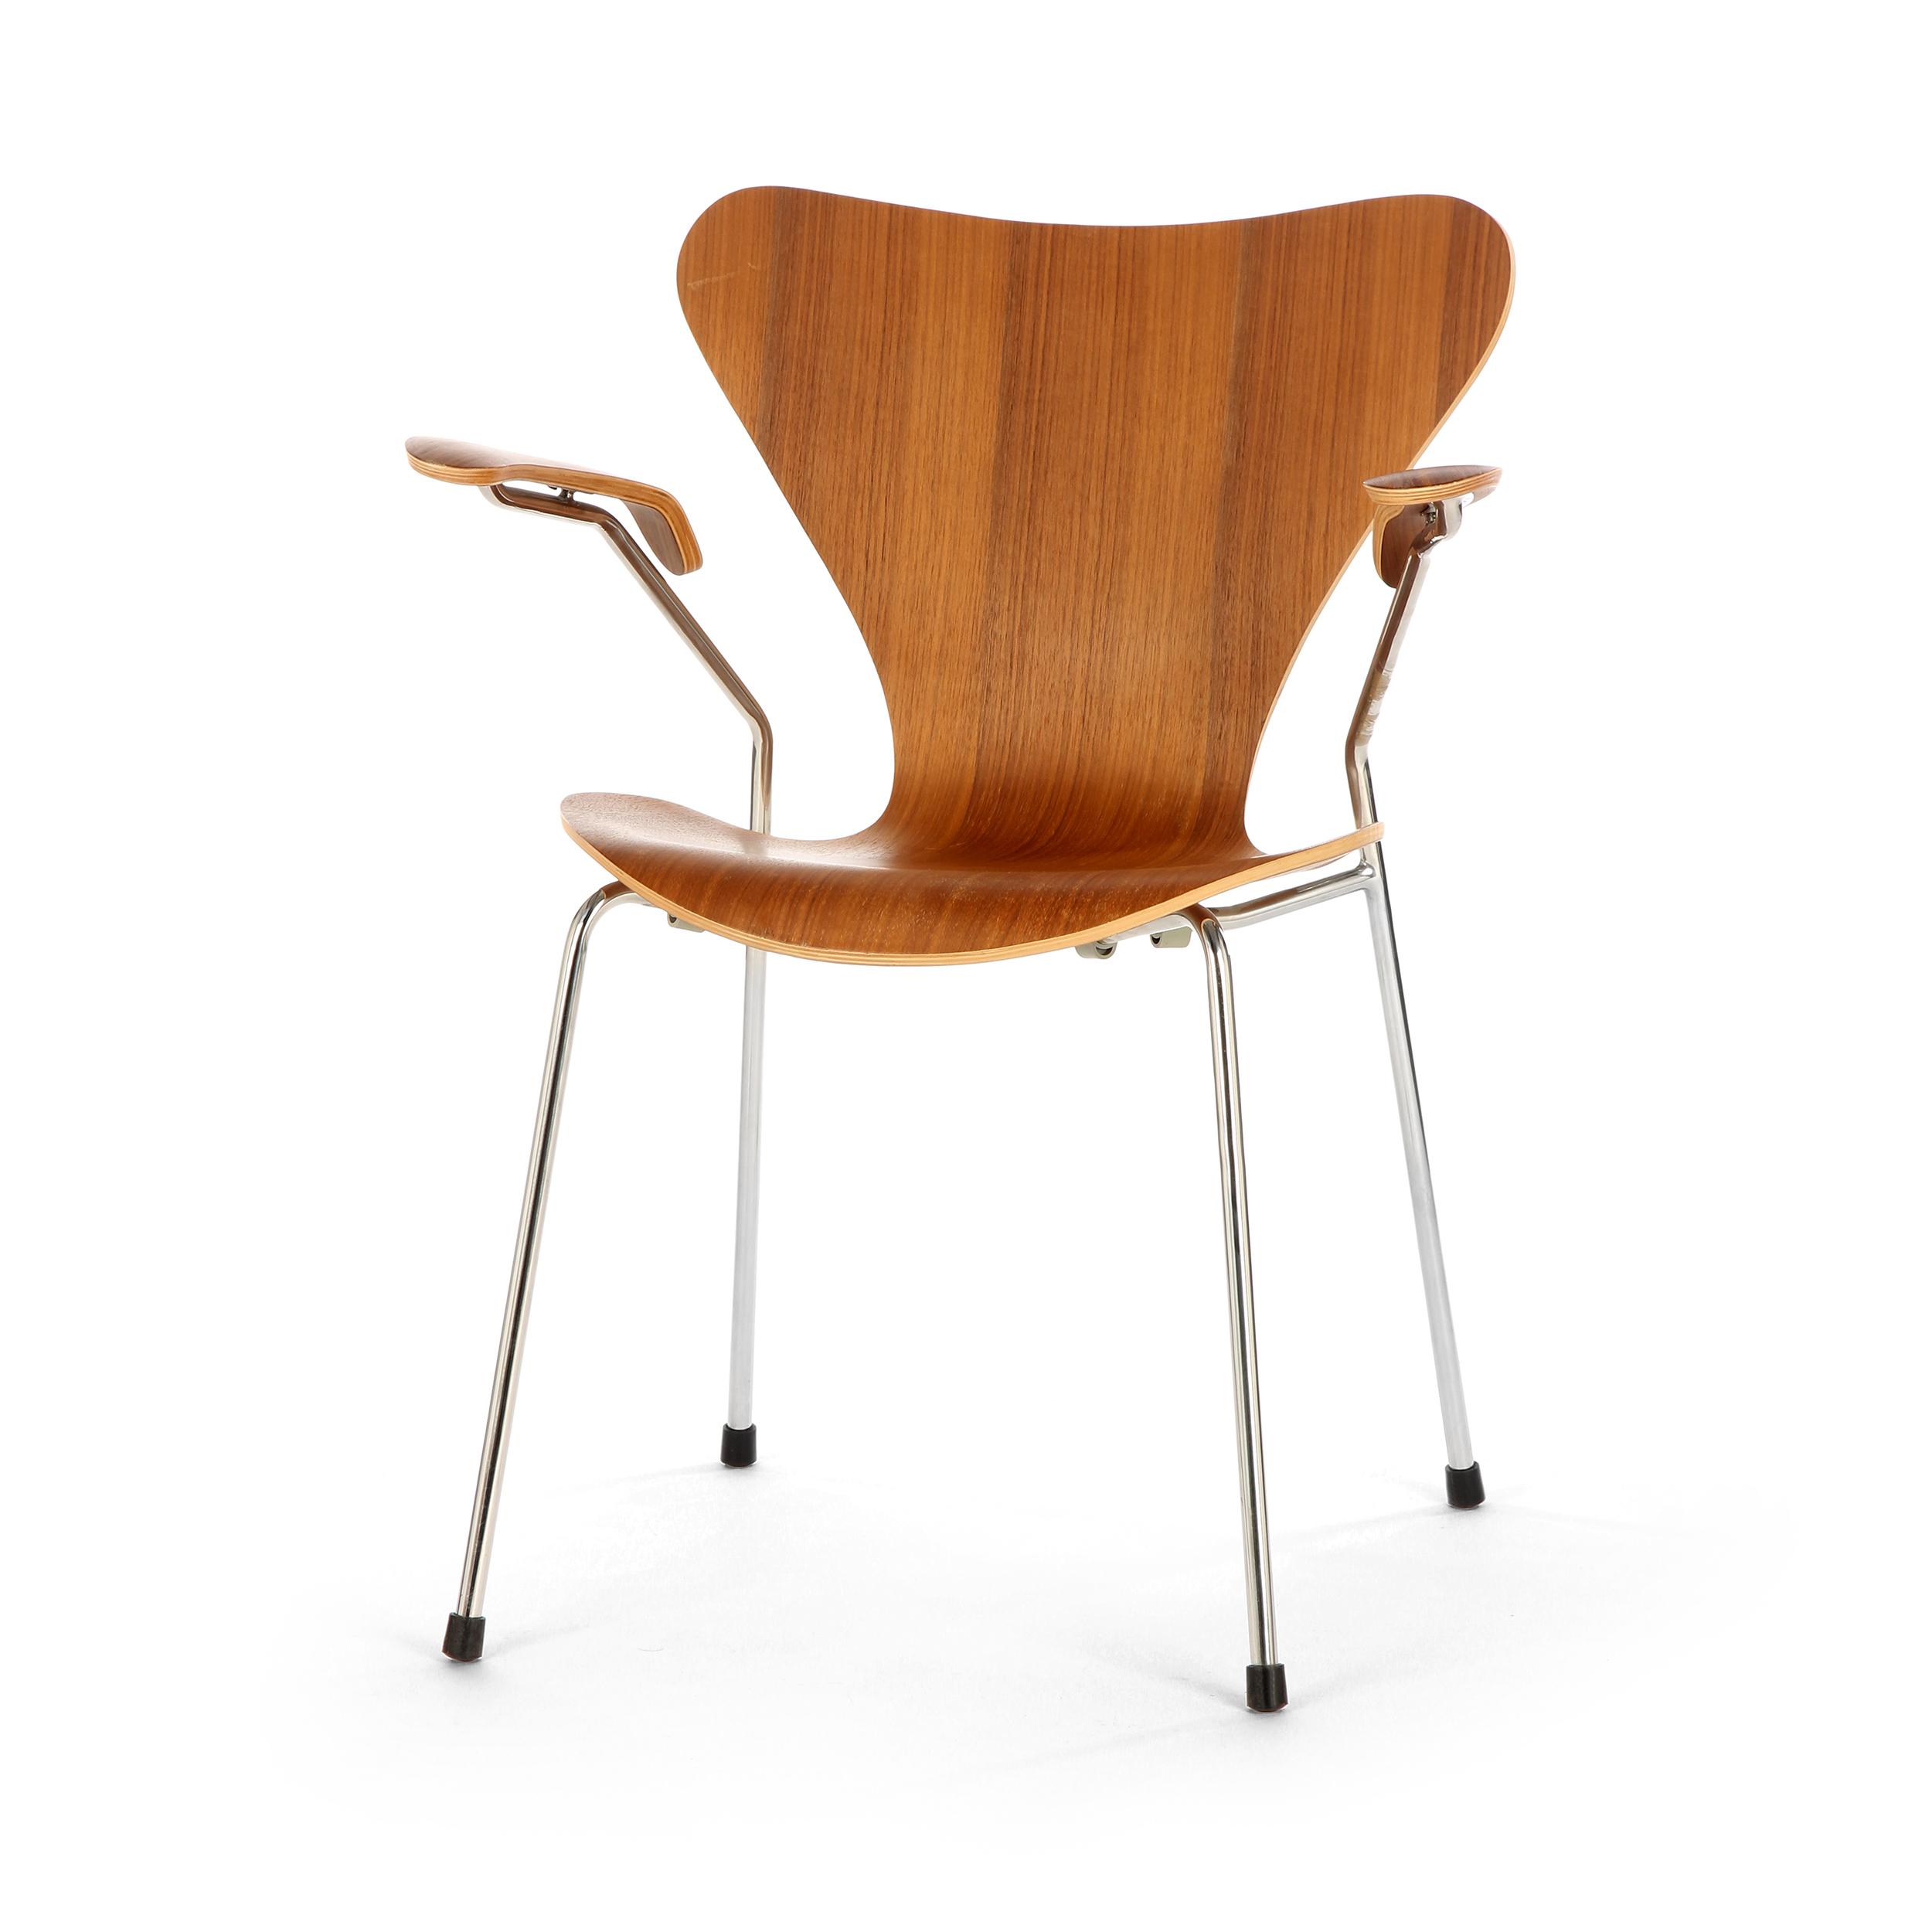 Стул S7 c подлокотникамиИнтерьерные<br>Дизайнерский легкий яркий стул S7 (С7) c подлокотниками на металлическом каркасе с деревянными сиденьем и спинкой от Cosmo (Космо).<br><br>     Эта фантазия на тему знаменитого стула «Муравей» гения датского минимализма Арне Якобсена, который он довел до совершенства в своей «Серии 7» 1955 года, придется по вкусу всем: дети оценят необычную форму стула, а взрослые — лаконичный дизайн и функциональность.<br><br><br>     Выглядит он просто: четыре ножки из стали и каркас из натурального дерева, но секрет...<br><br>stock: 0<br>Высота: 75,5<br>Высота сиденья: 42<br>Ширина: 60<br>Глубина: 55,5<br>Цвет ножек: Хром<br>Материал сидения: Массив ореха<br>Цвет сидения: Орех<br>Тип материала сидения: Дерево<br>Тип материала ножек: Сталь нержавеющая